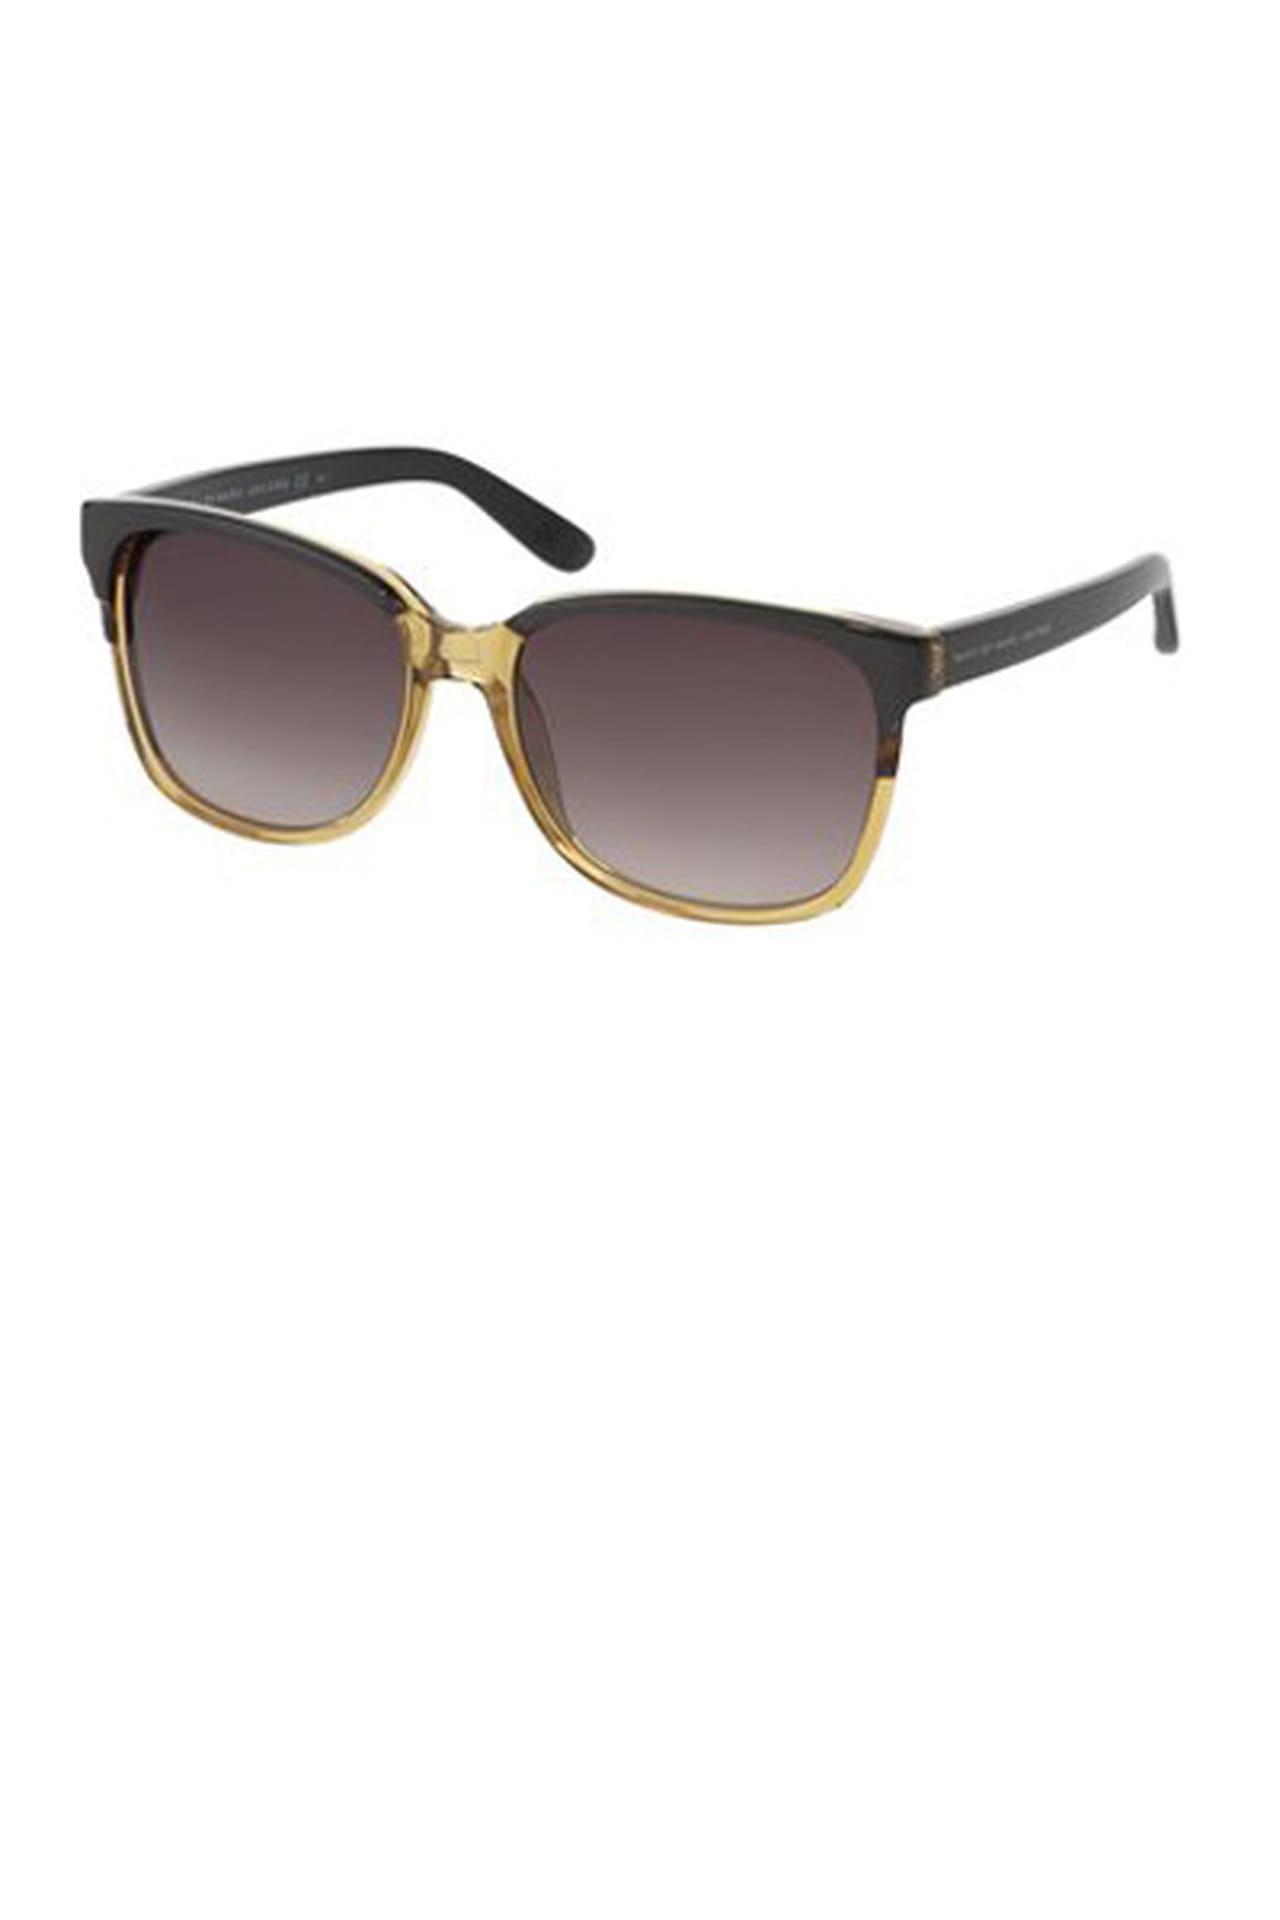 953974468 نظارة شمسية تذكر بالسبعينات من Marc Jacobs. من مجموعة Marc Jacobs لربيع وصيف  2013